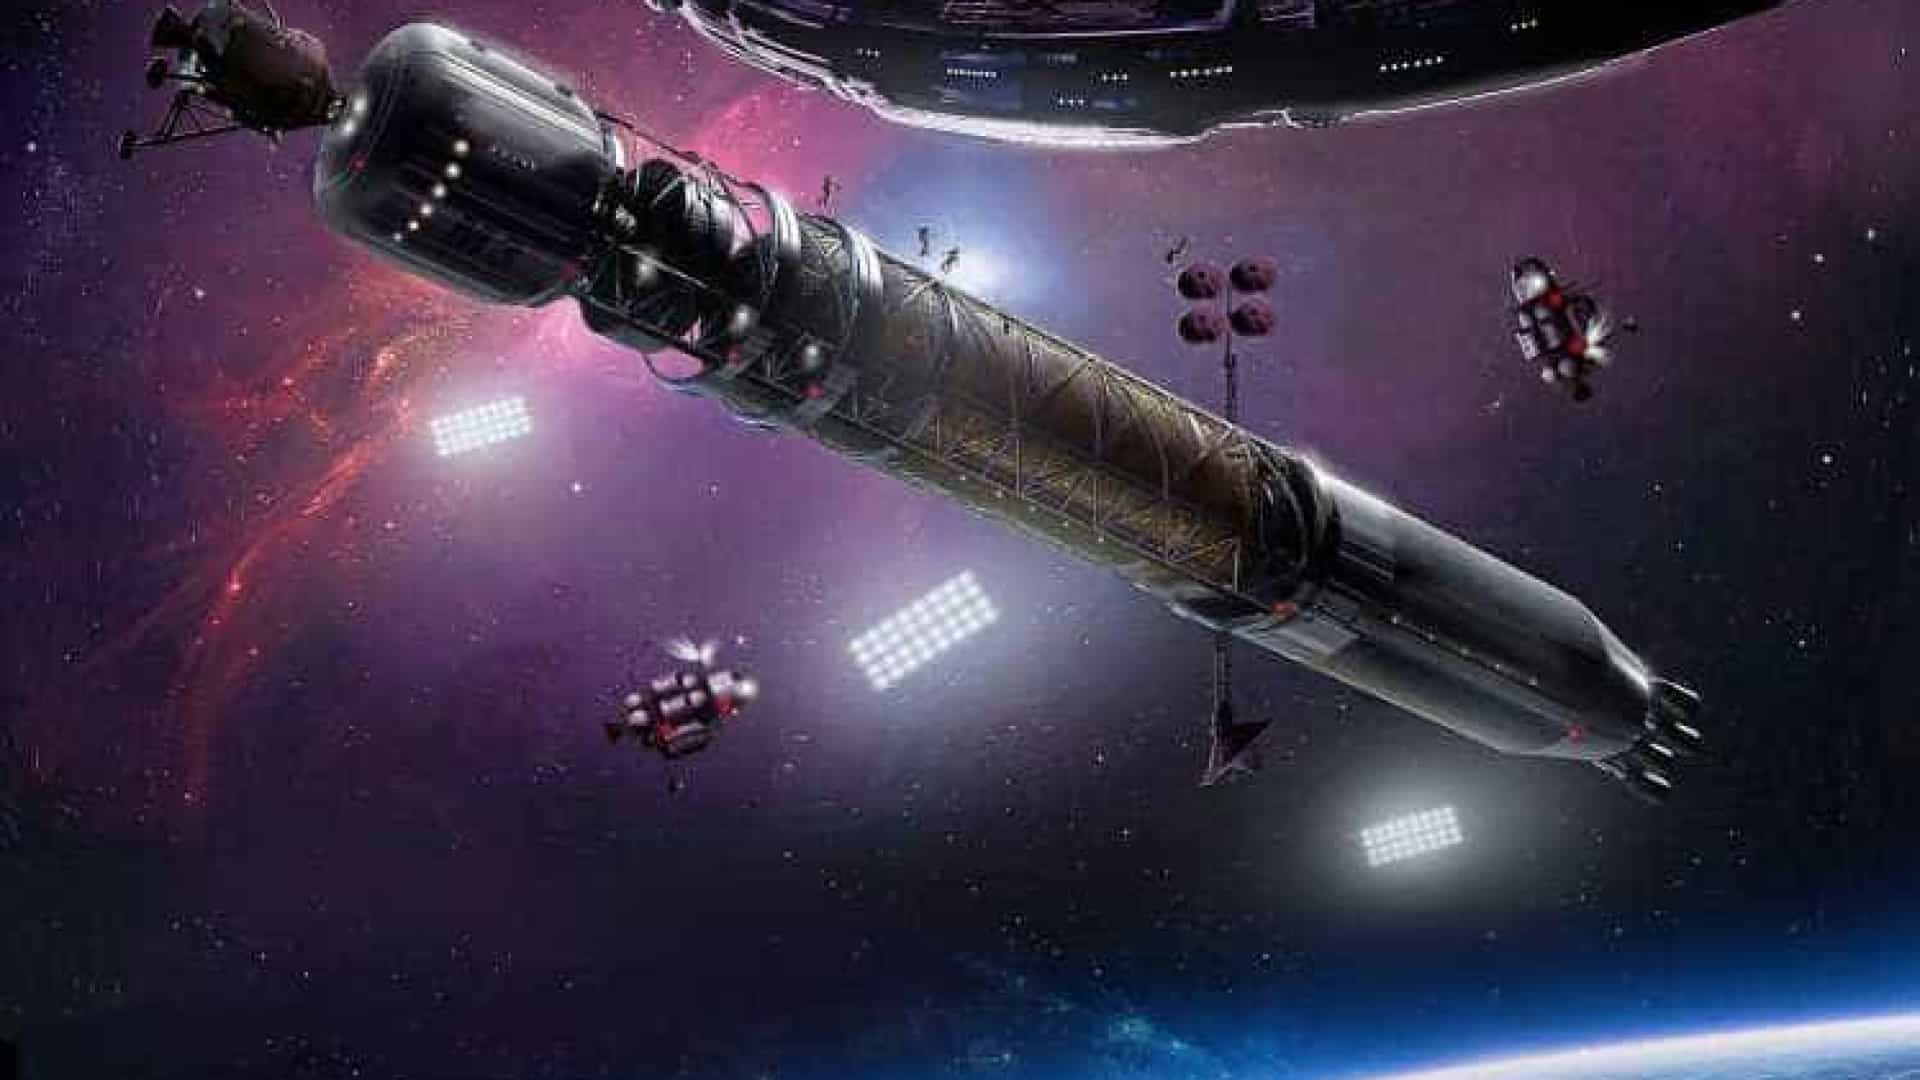 Meio milhão de pessoas pediram cidadania para o primeiro país espacial